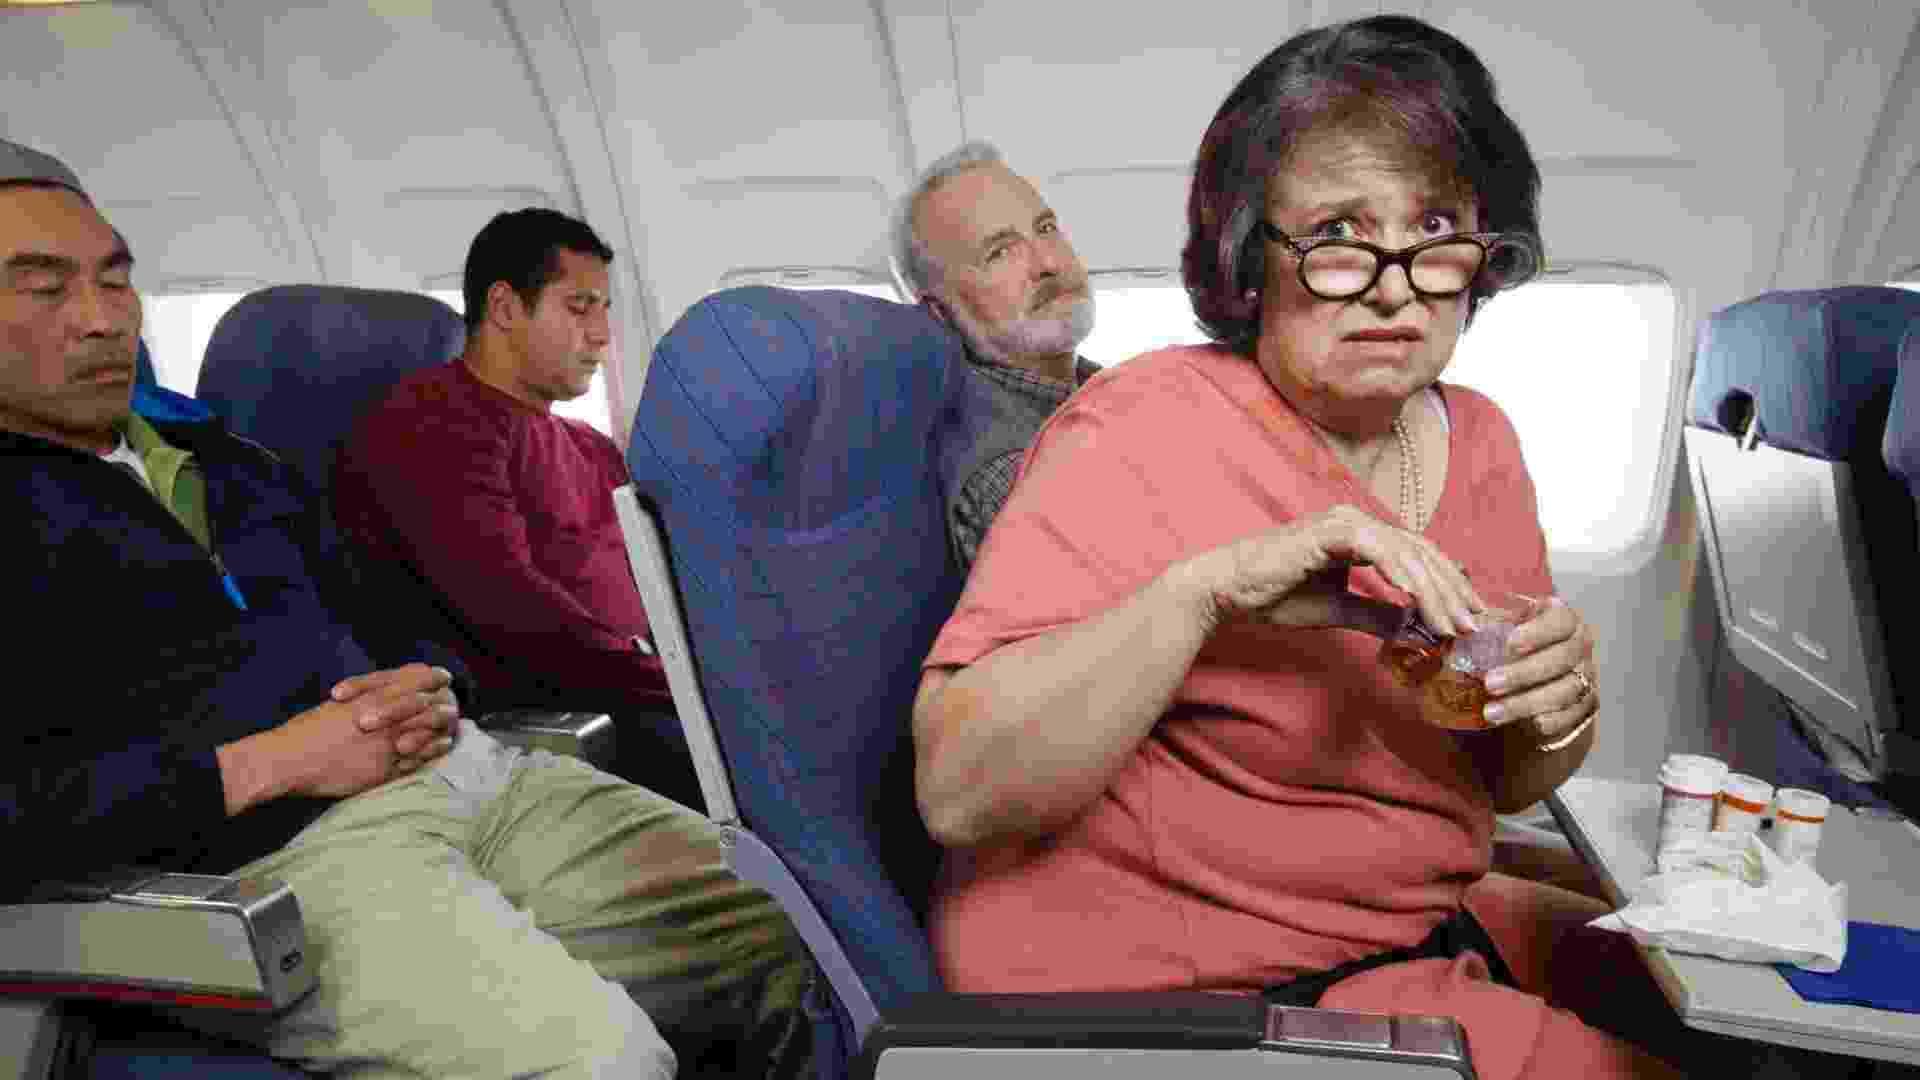 20.fev.2013 - pessoas em avião, voo, mulher preocupada - Thinkstock